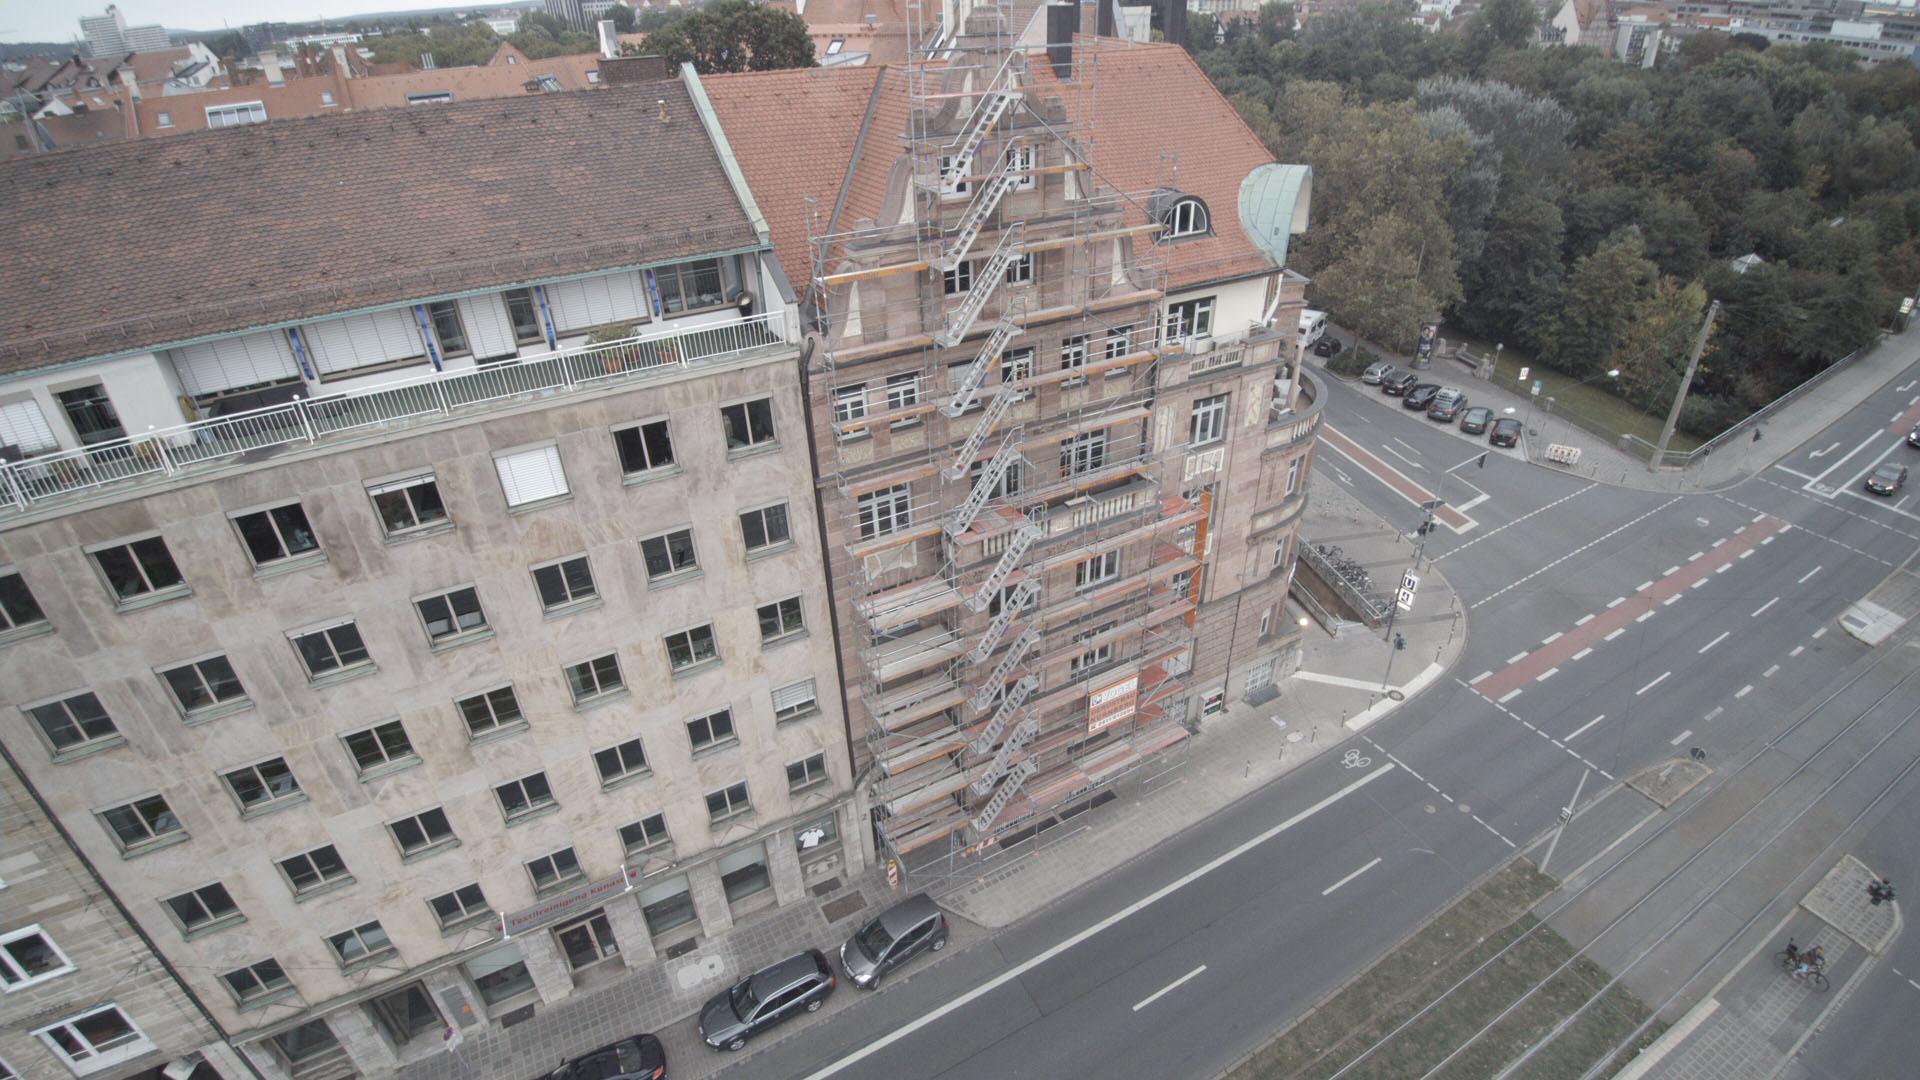 Nähe Rathenauplatz 2016